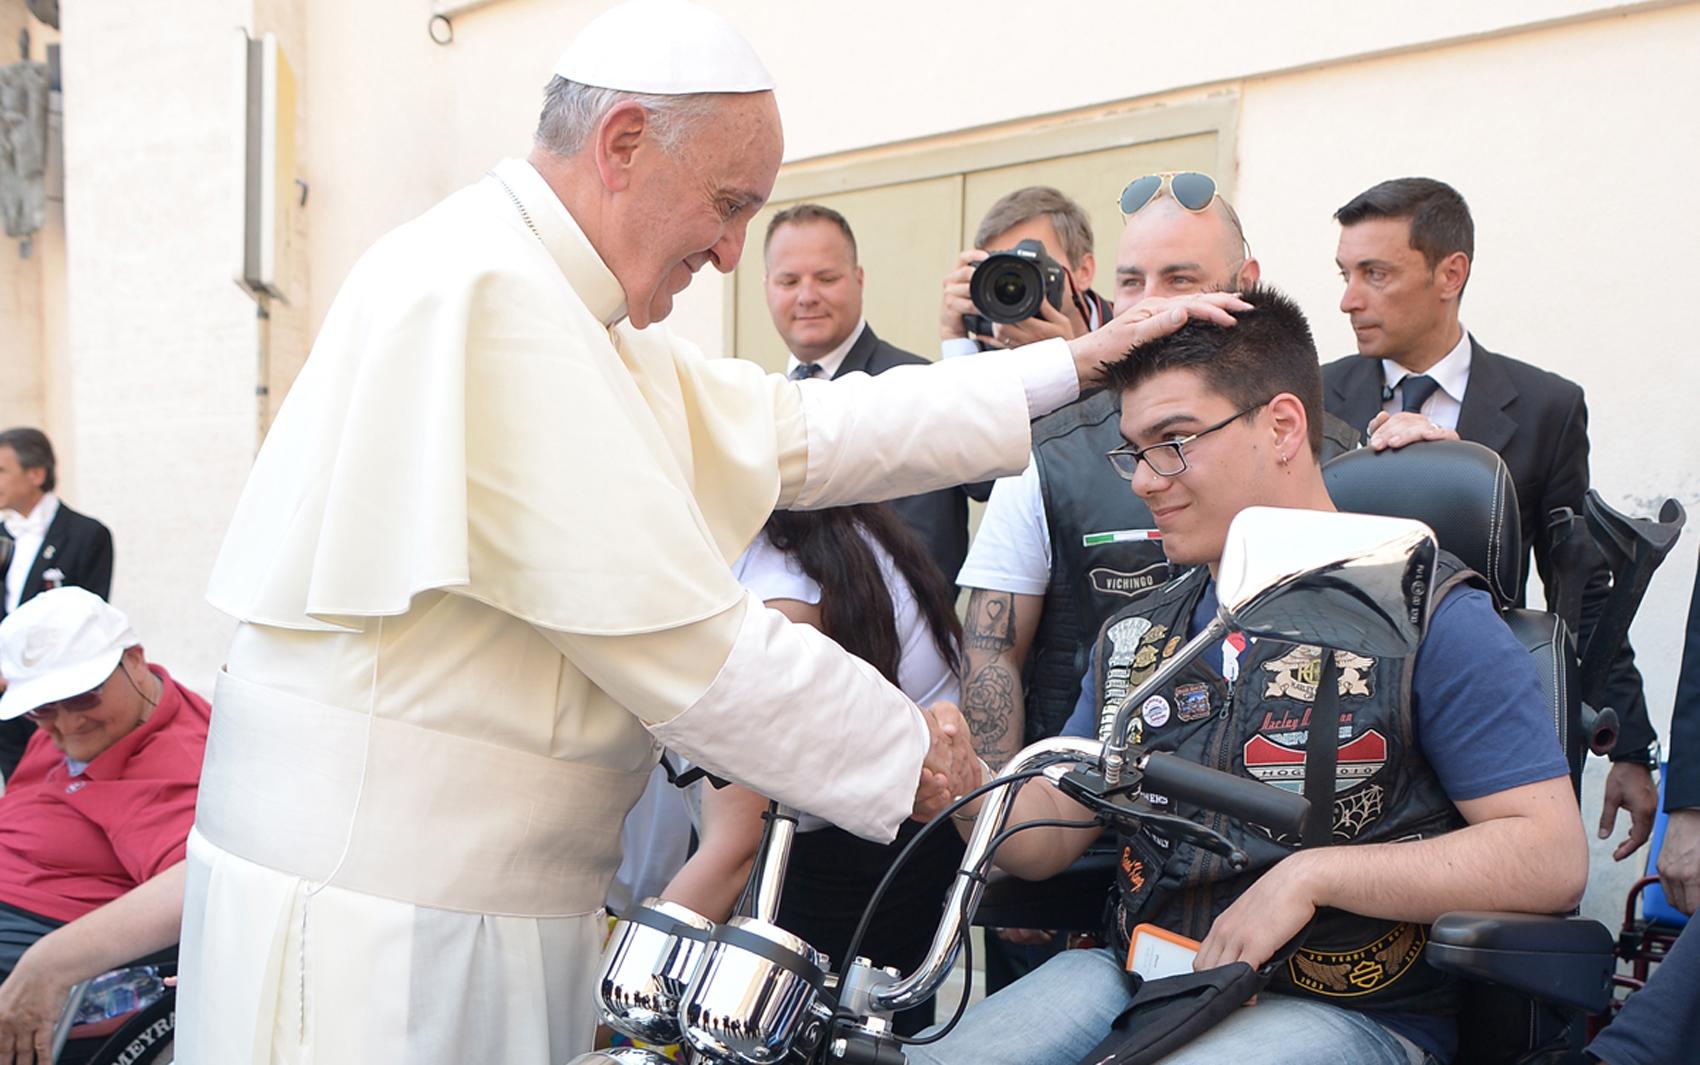 Papa Francisco abençoa, neste domingo (16), no Vaticano, deficiente físico em moto. Rapaz utiliza jaqueta da Harley-Davidson nas comemorações de 110 anos da marca